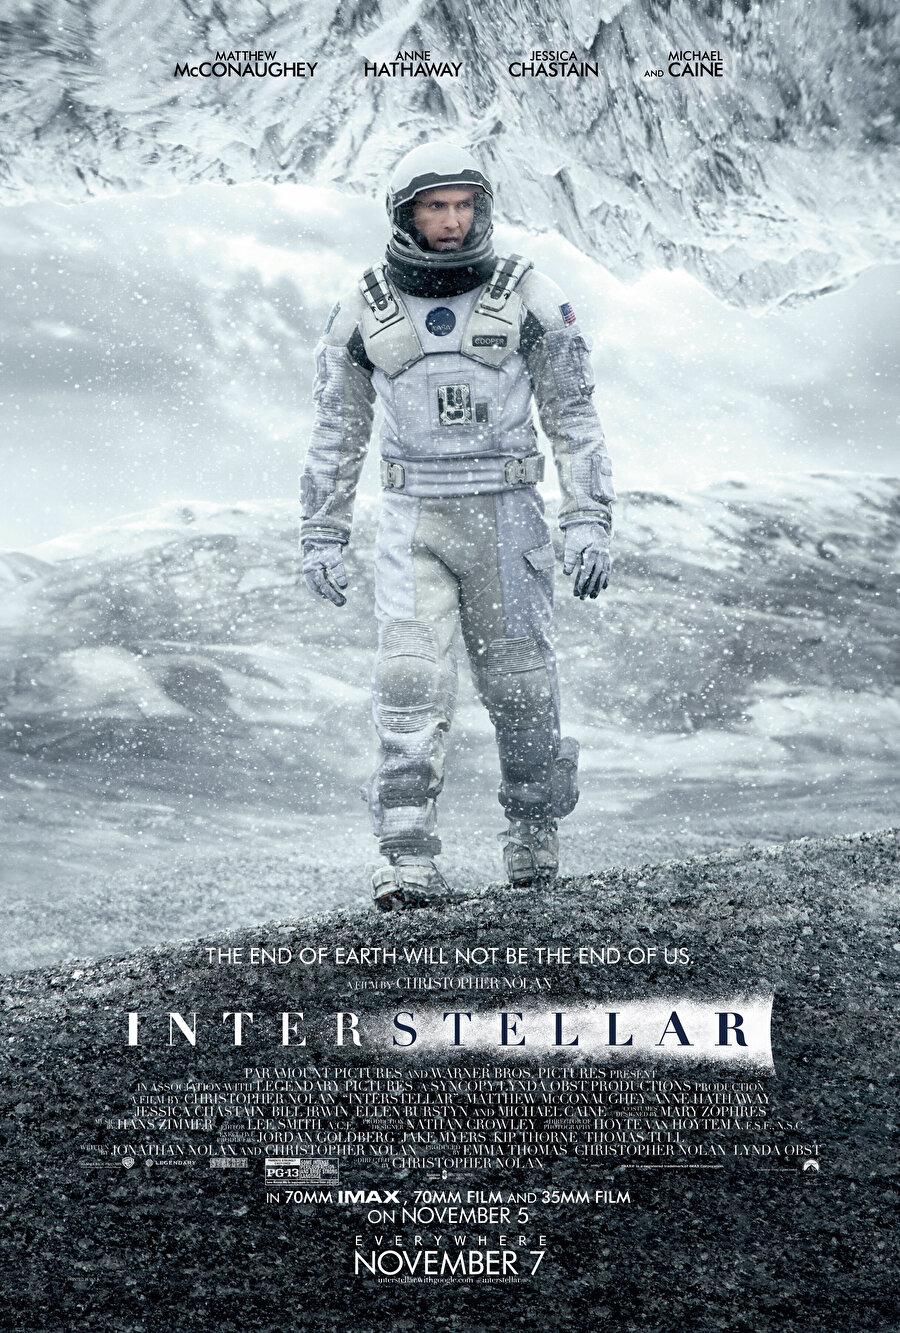 Interstellar, çıkış yaptığı günden bu yana sinema tarihinin en iyi yapımlarından biri olarak nitelendiriliyor.